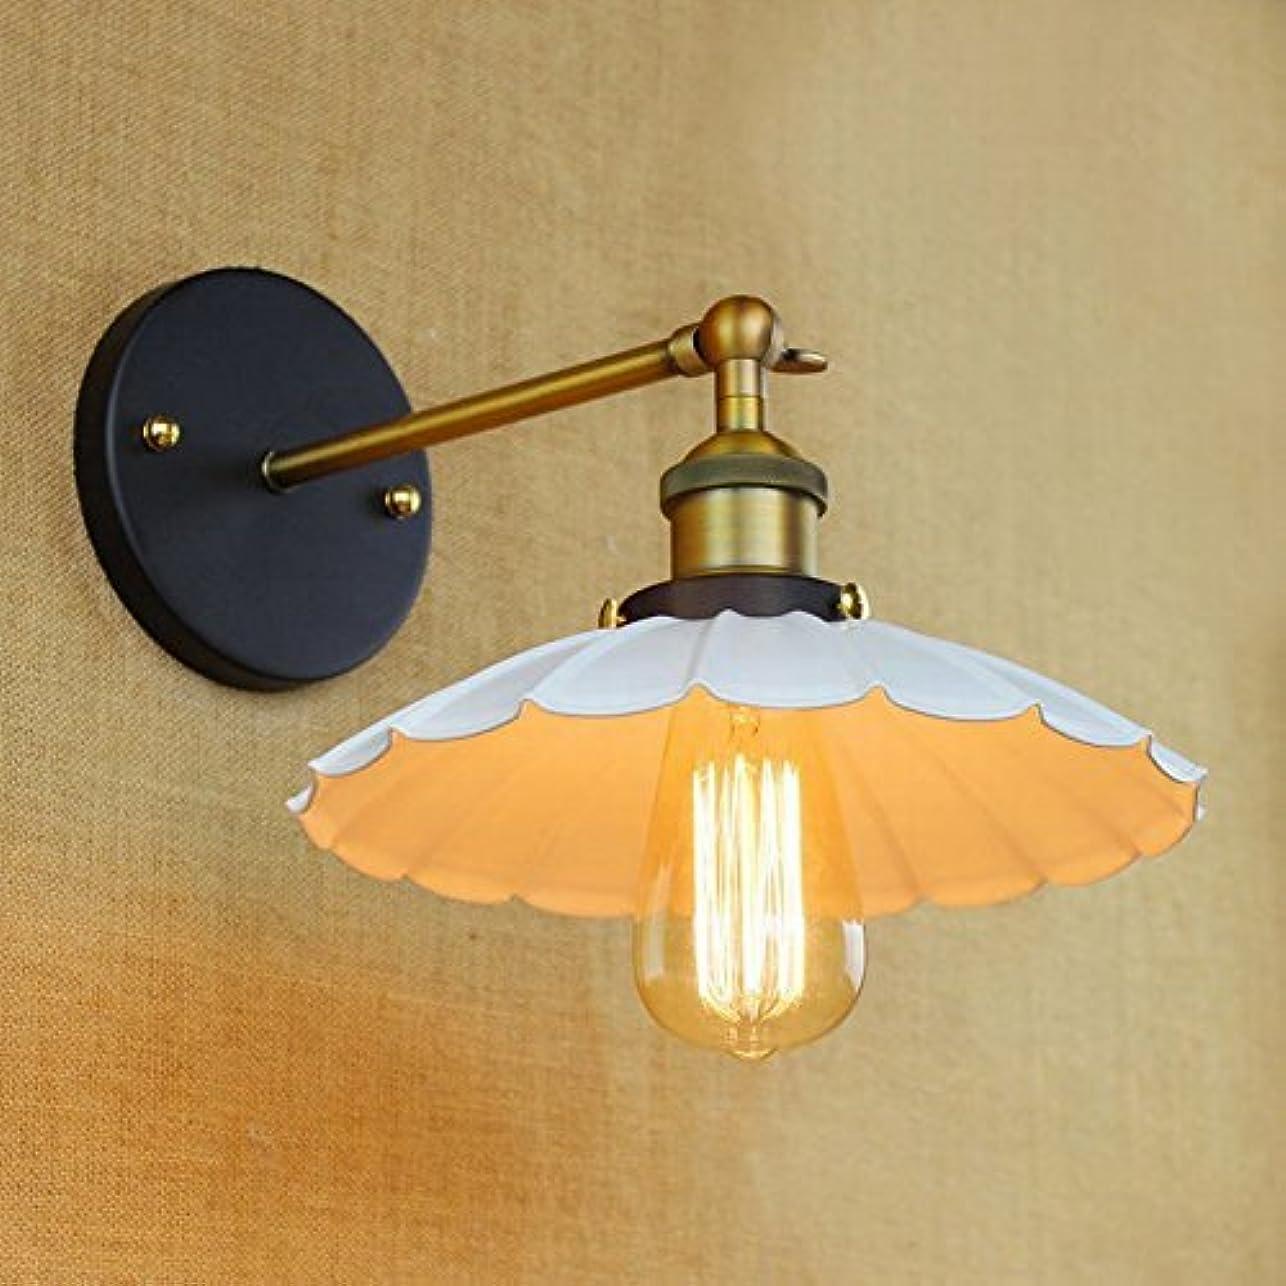 恩恵痛み華氏壁面ライト, 作業部屋のベッドサイドの寝室の照明壁取り付け用燭台、白のための設計Challengeswingの腕の壁ランプ AI LI WEI (Color : White)